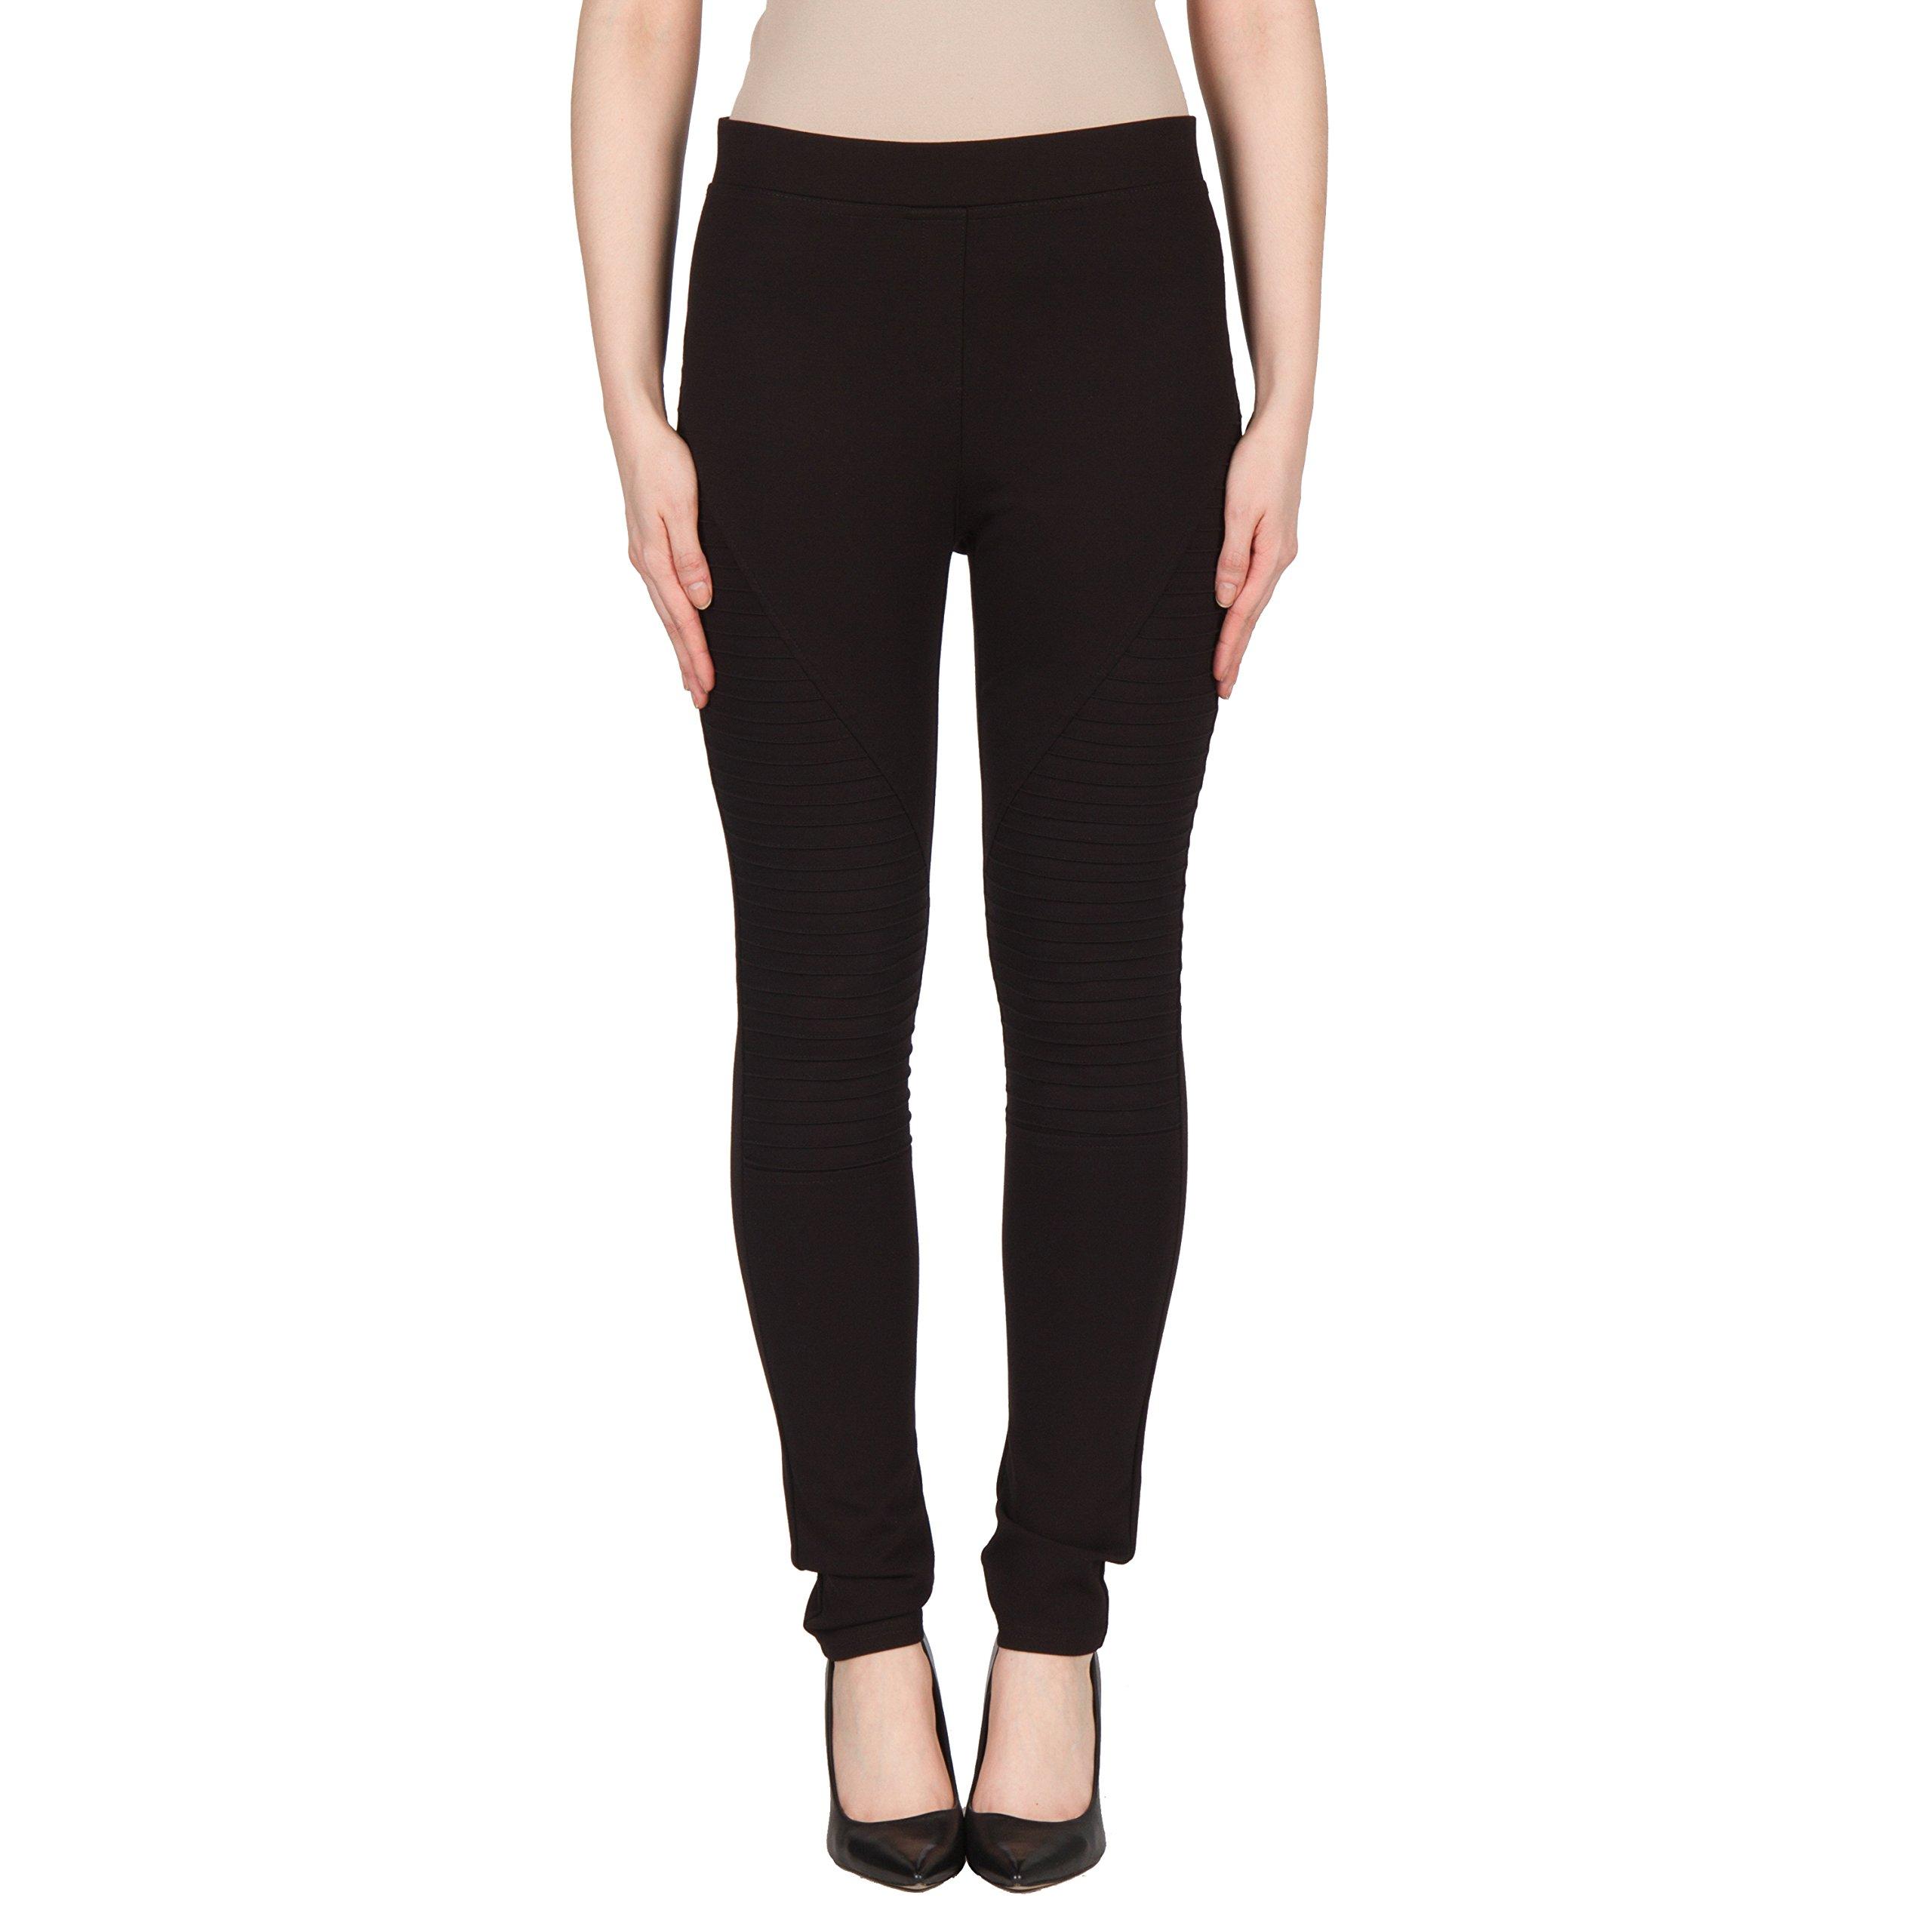 Joseph Ribkoff Athletic Style Black Legging - Style 173302 - Size 6